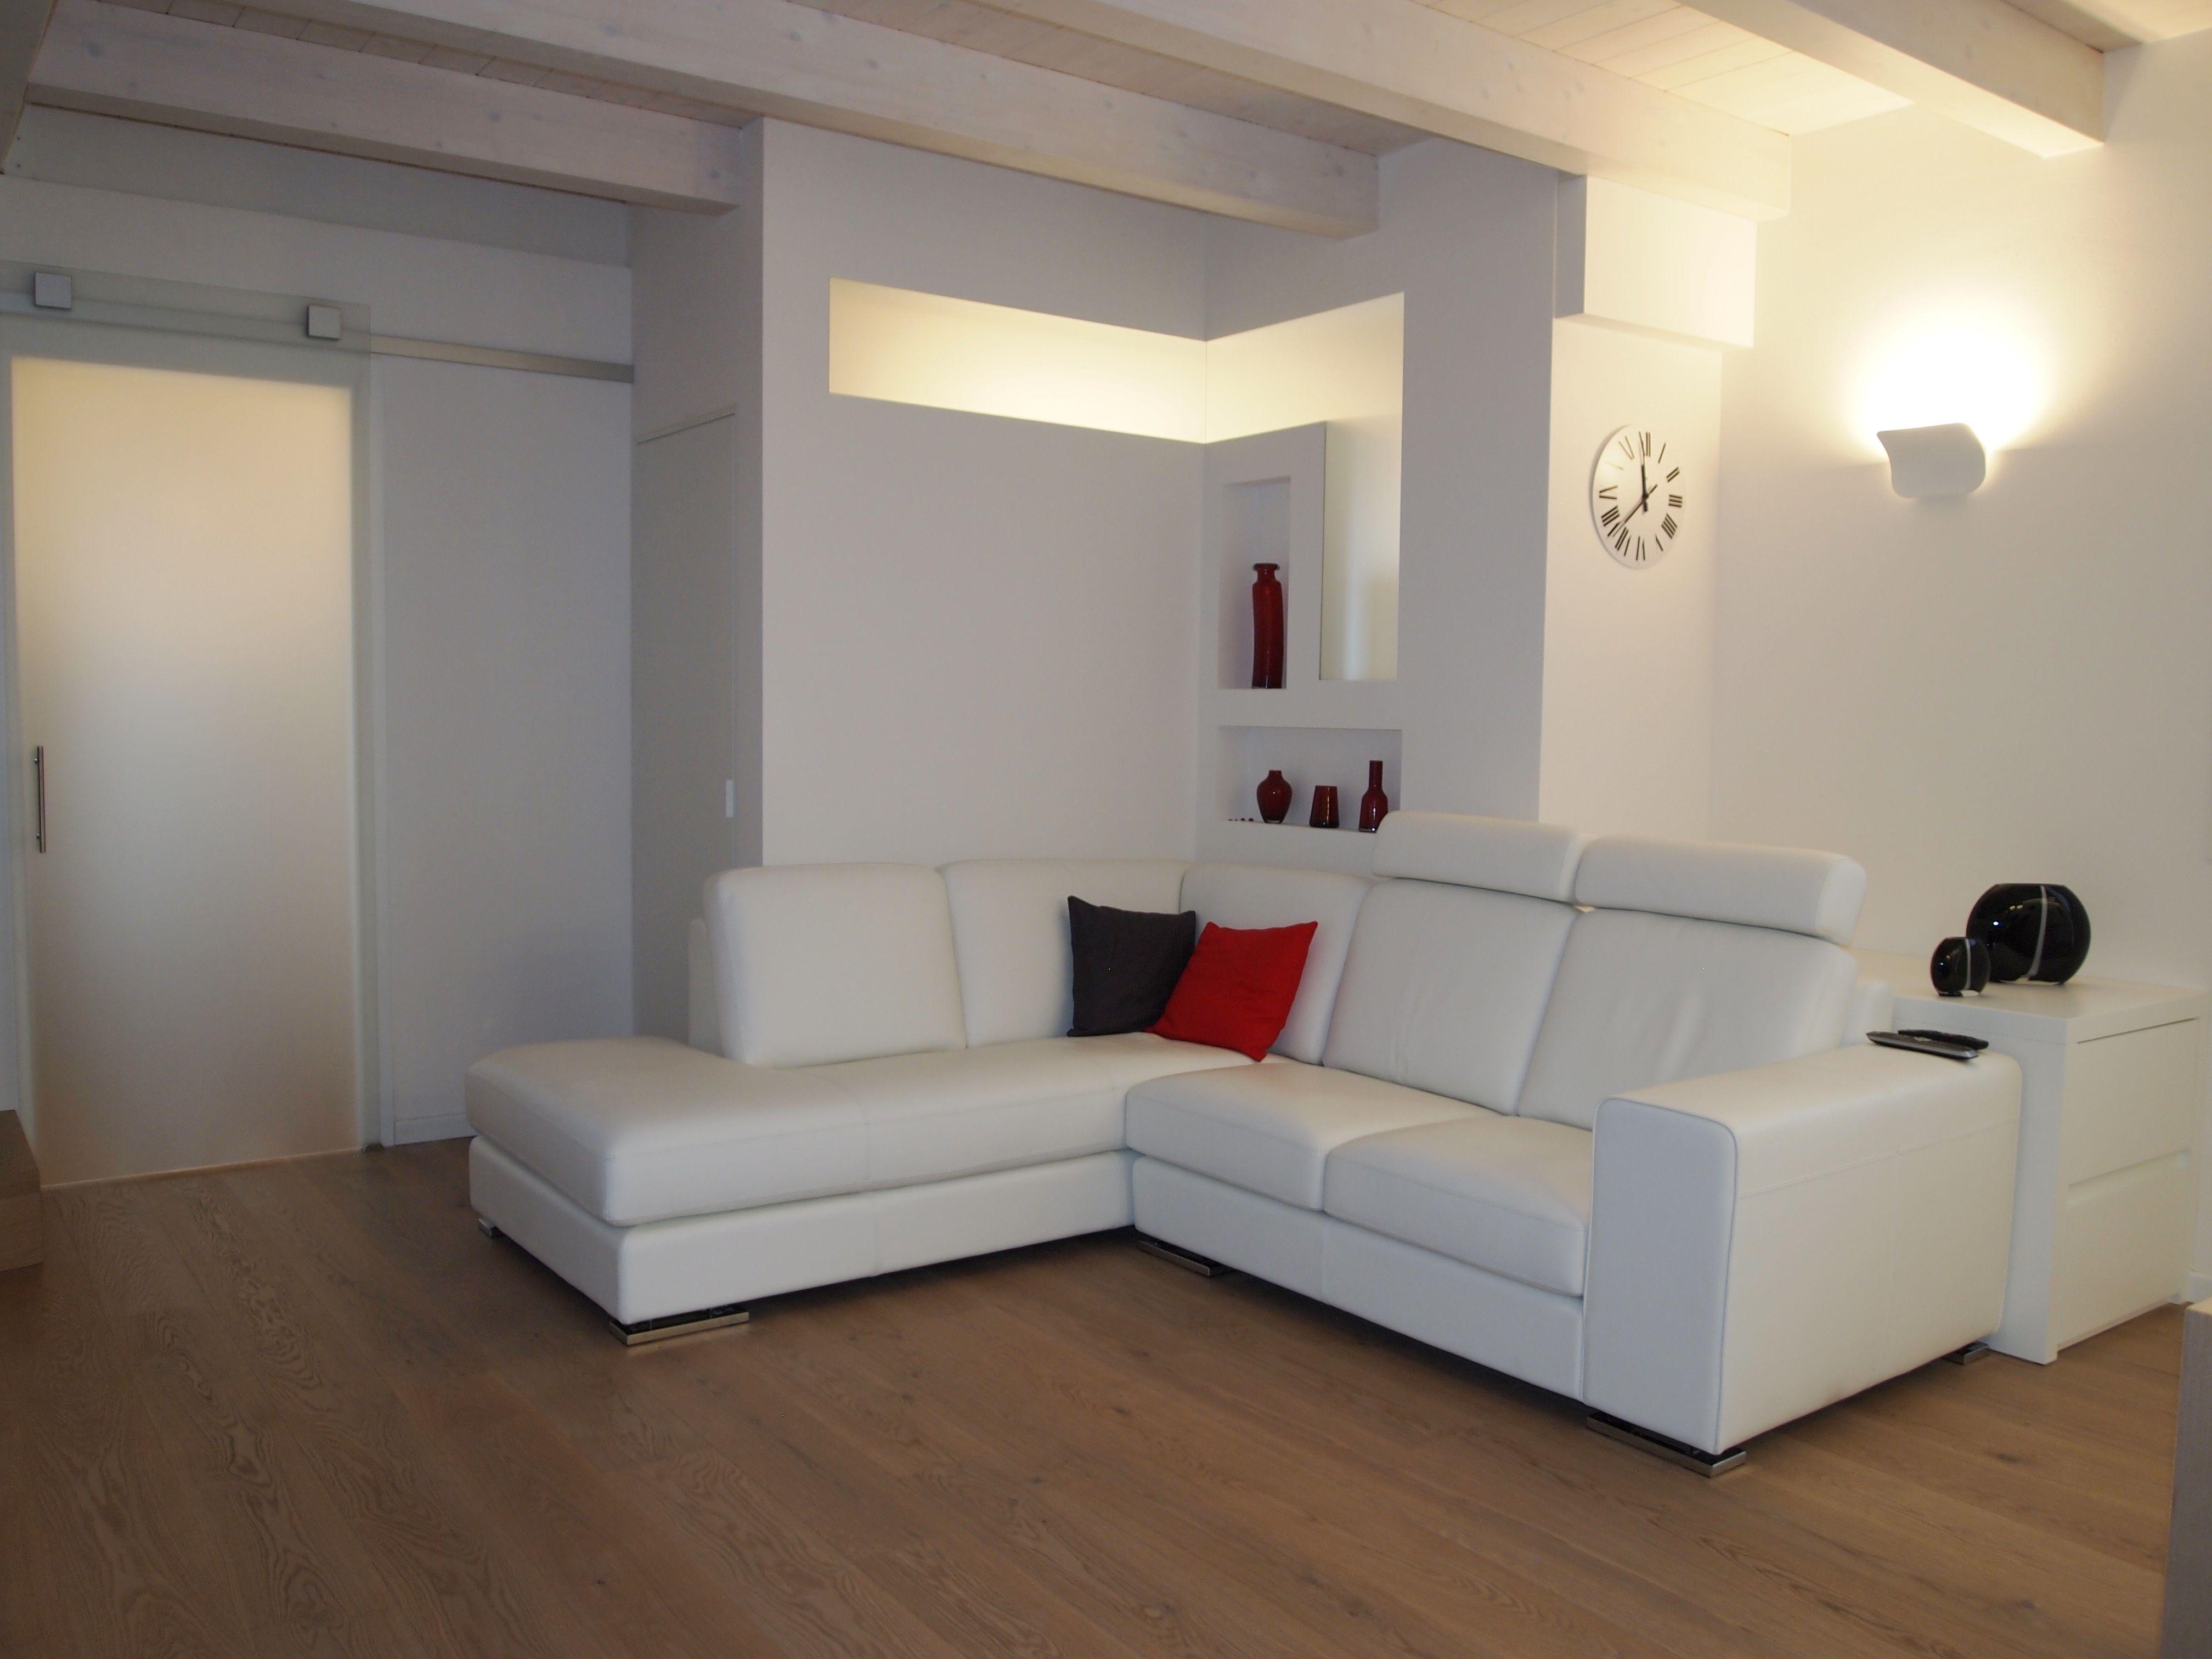 Abitazione privata #illuminazione #soggiorno #LED #Ligting #Design ...